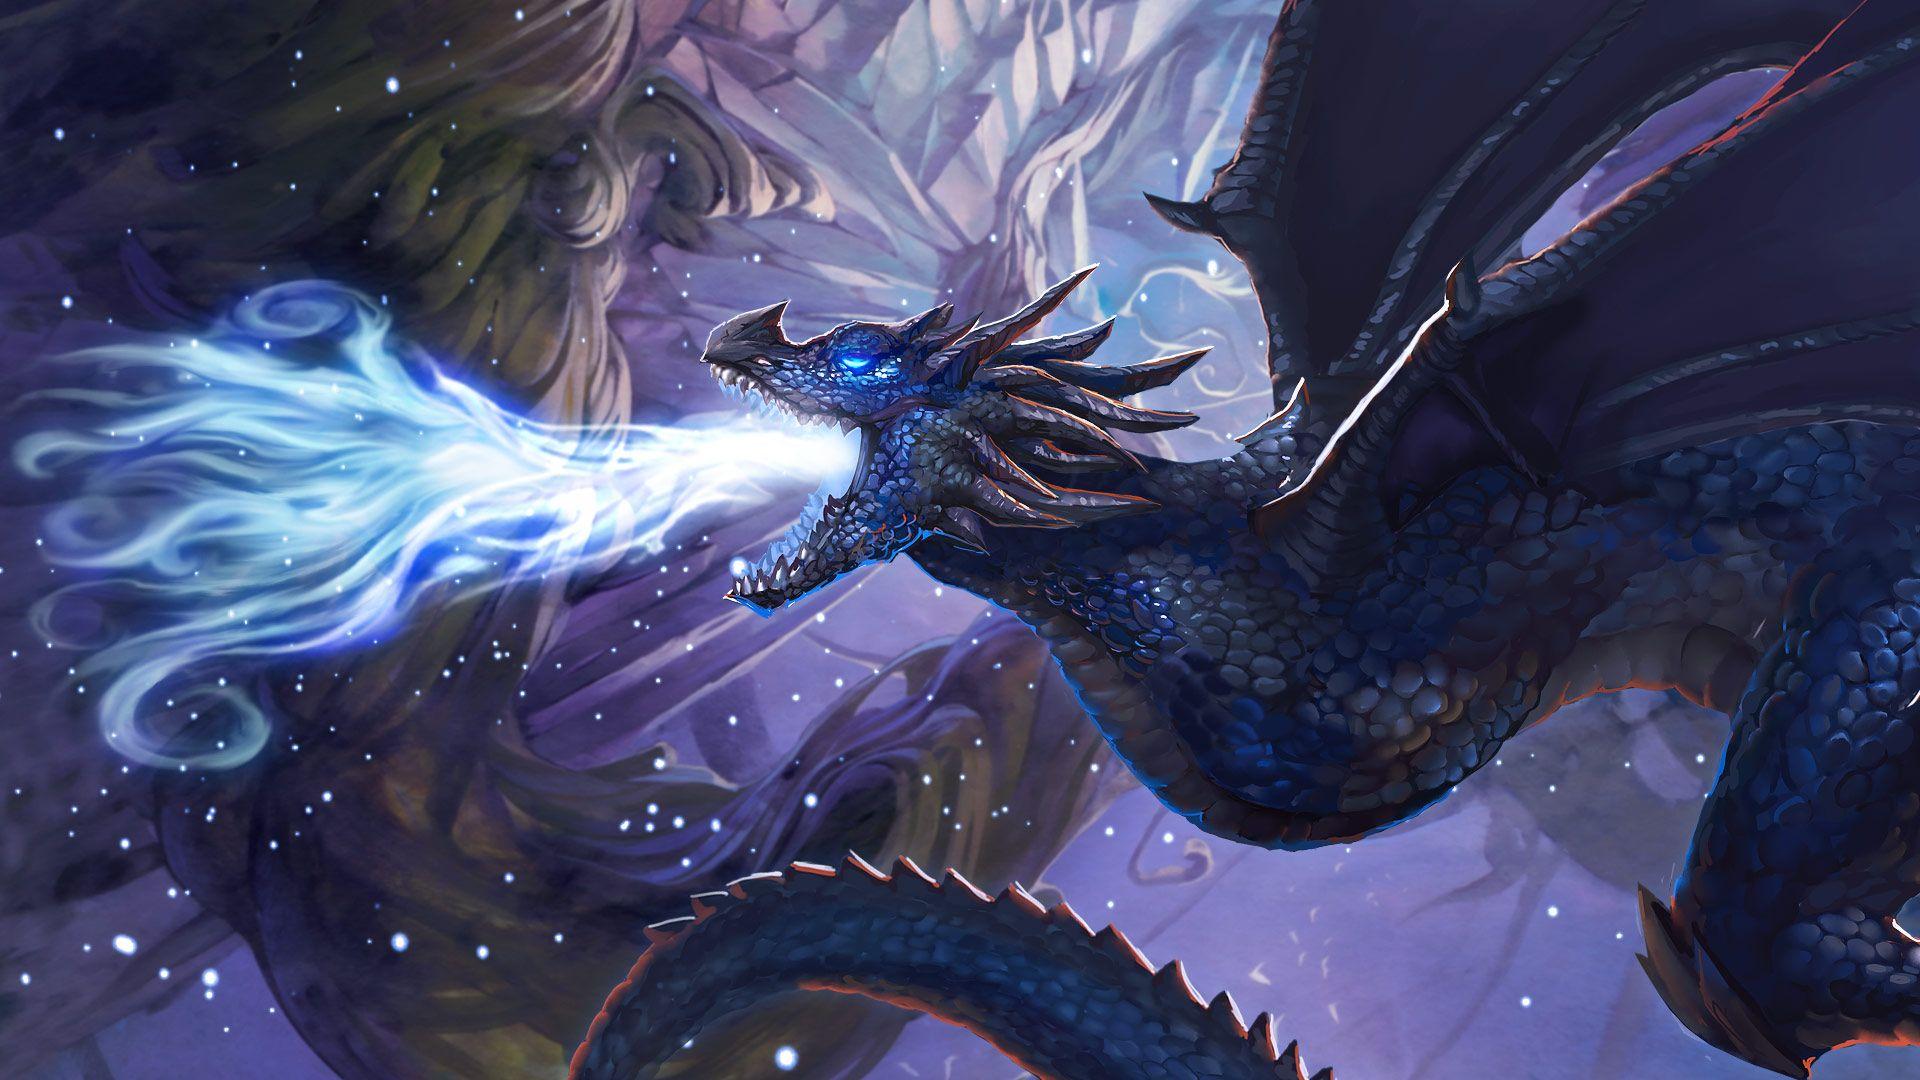 cool blue dragon desktop background